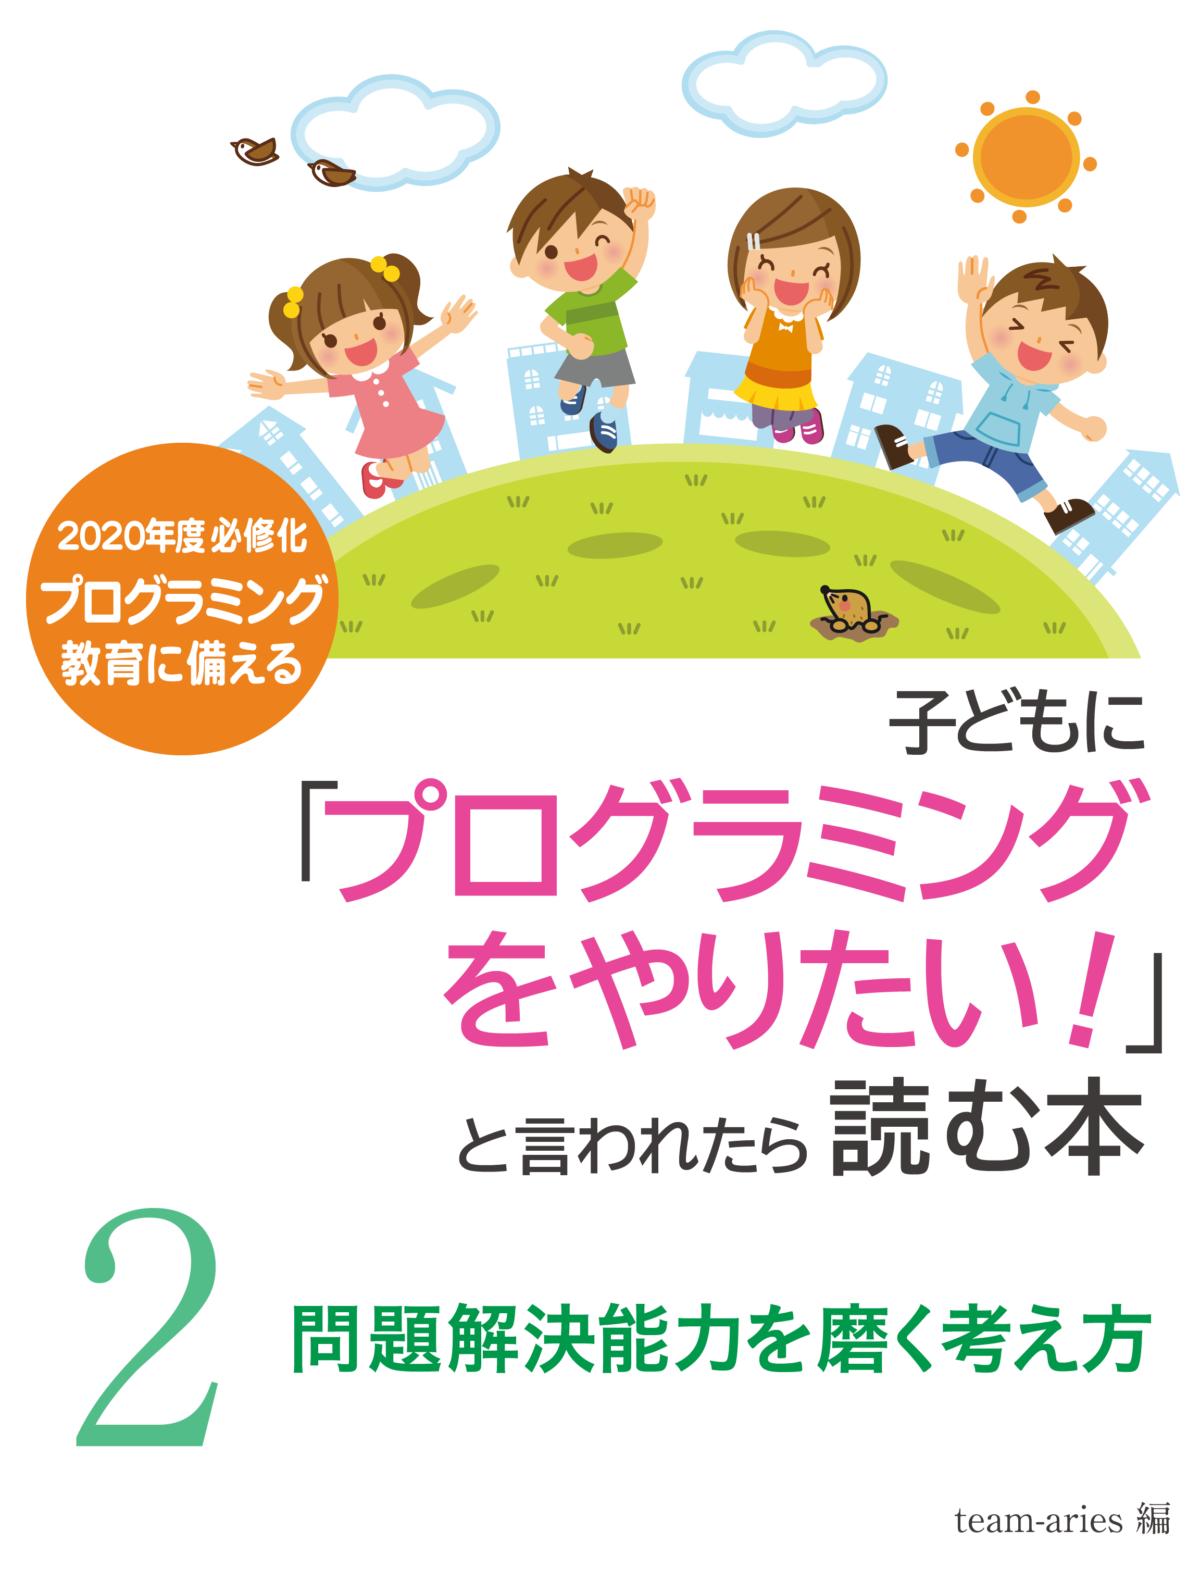 【プレスリリース】 電子書籍『子供に「プログラミングをやりたい!」と言われたら読む本 2「問題解決能力を磨く考え方」』の無料配信キャンペーンを開始